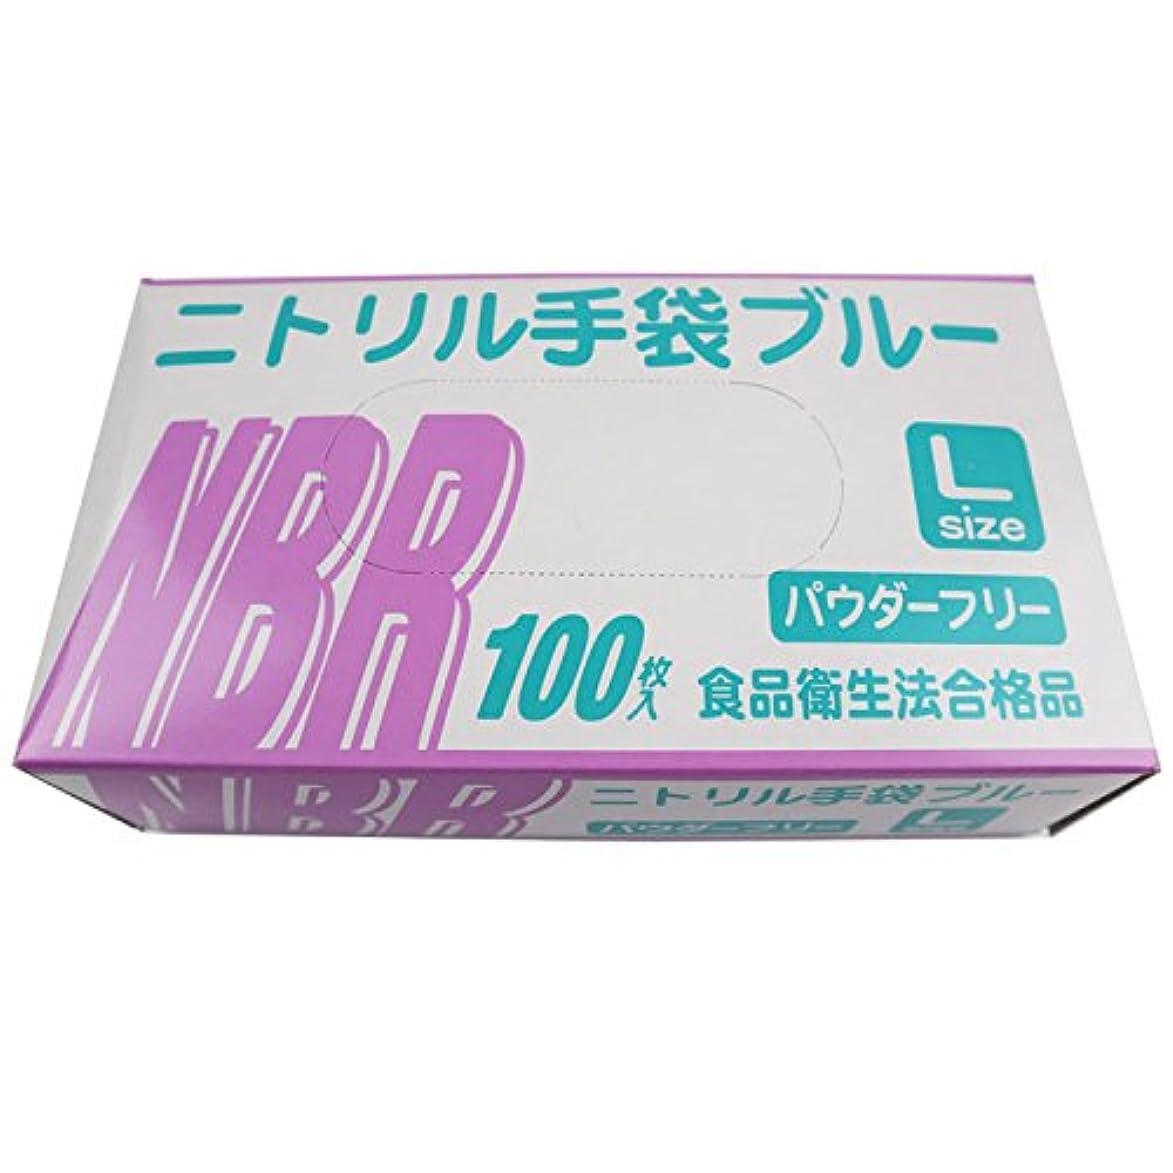 計算するラテン虹使い捨て手袋 ニトリル グローブ ブルー 食品衛生法合格品 粉なし 100枚入×20個セット Lサイズ